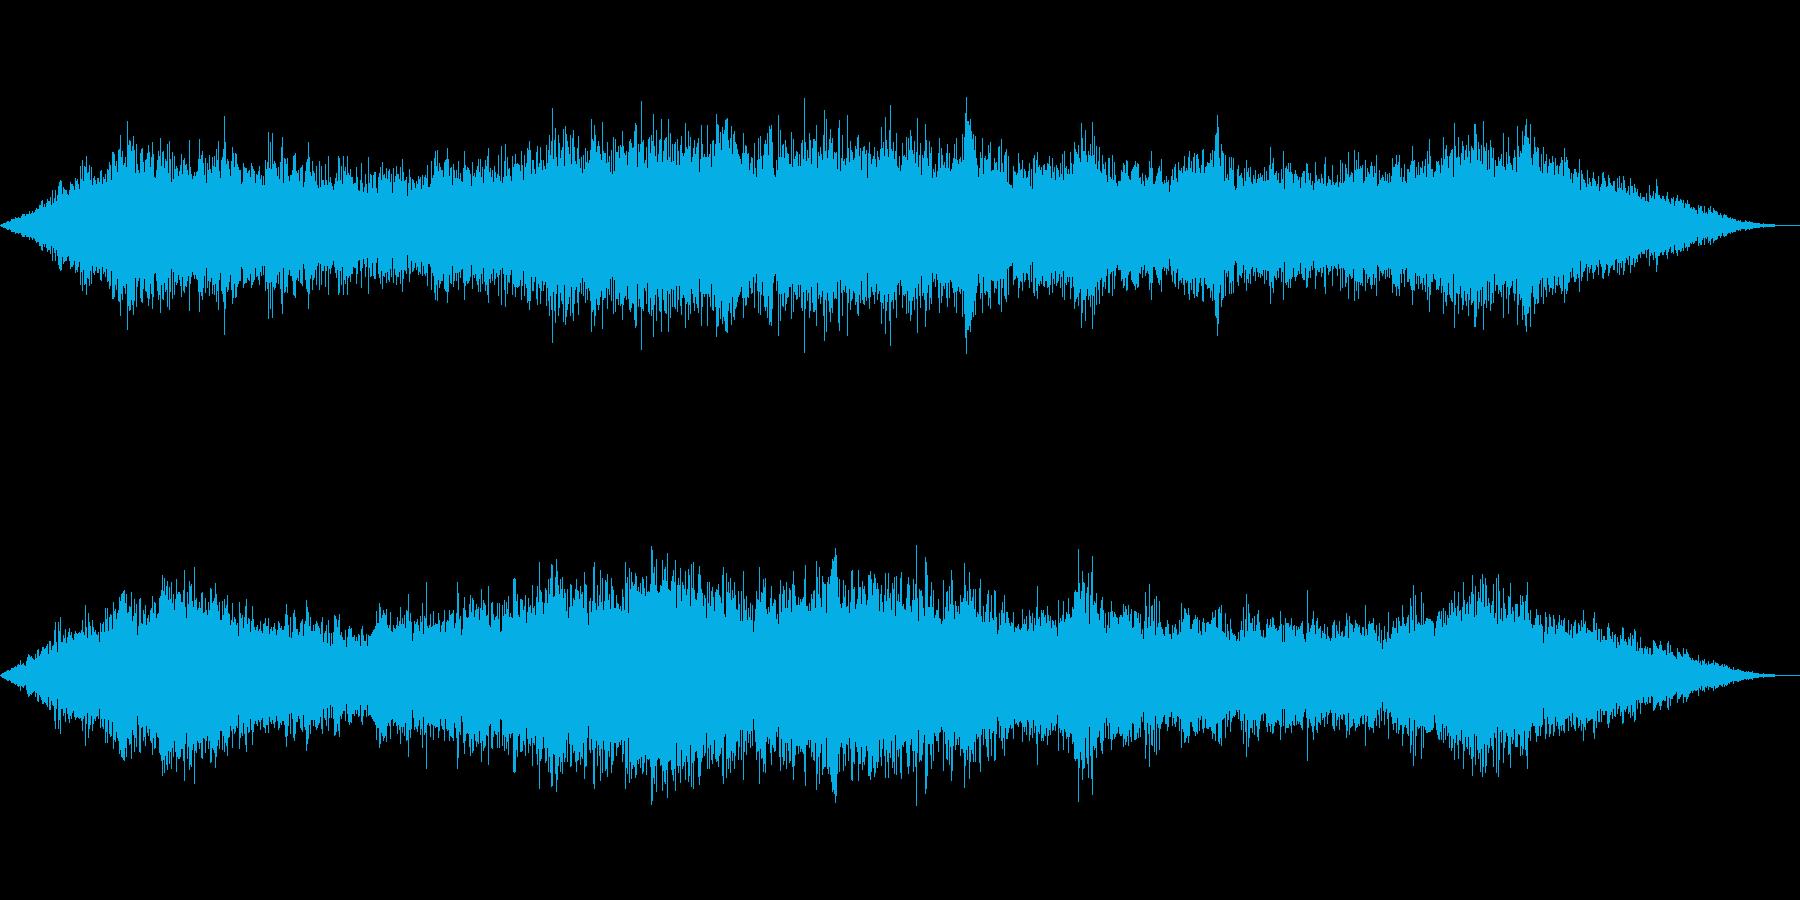 風の効果音(強風、木枯らし、ビル風等)5の再生済みの波形